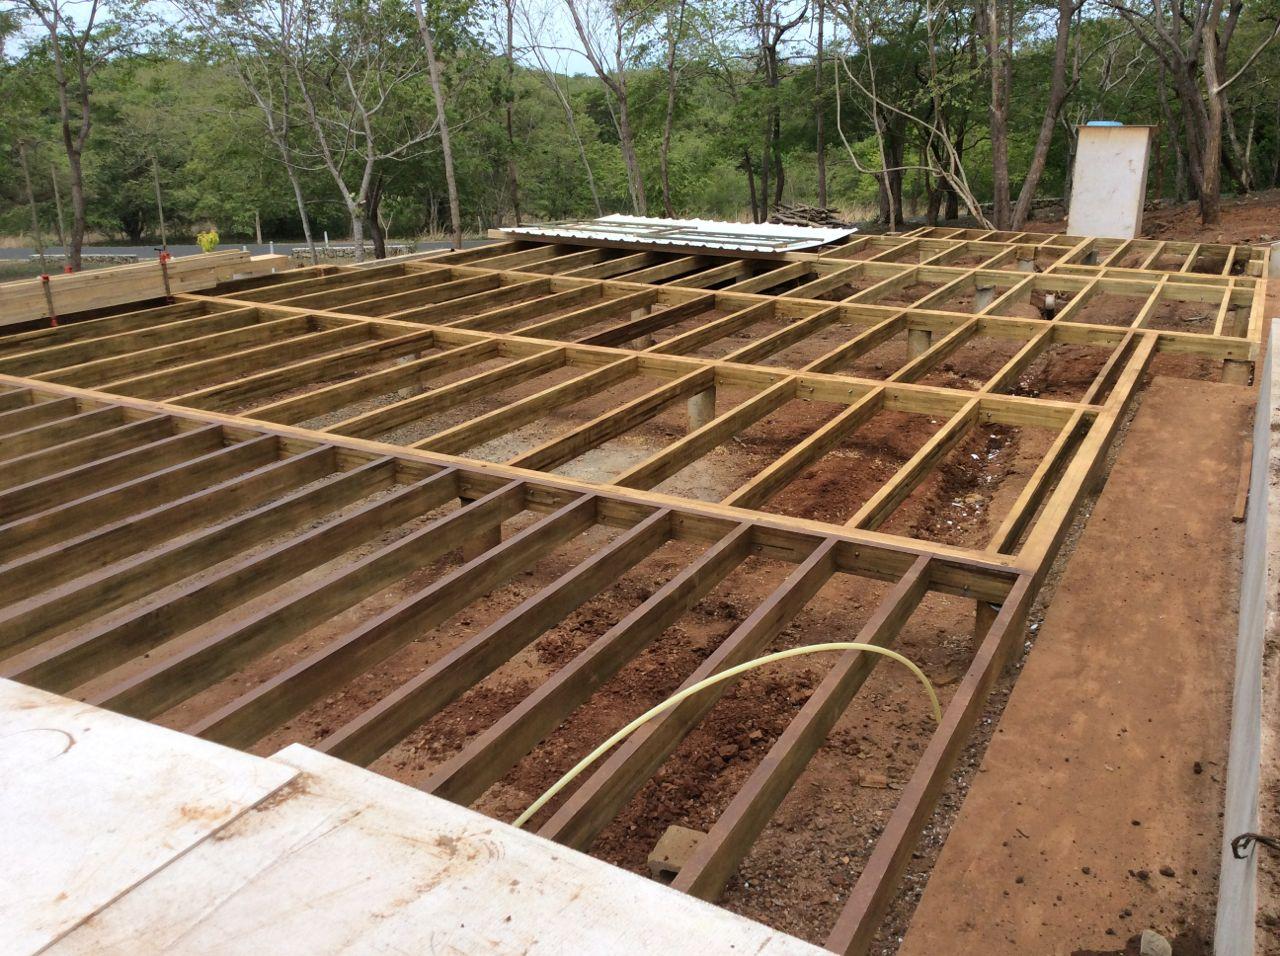 Floor structure complete